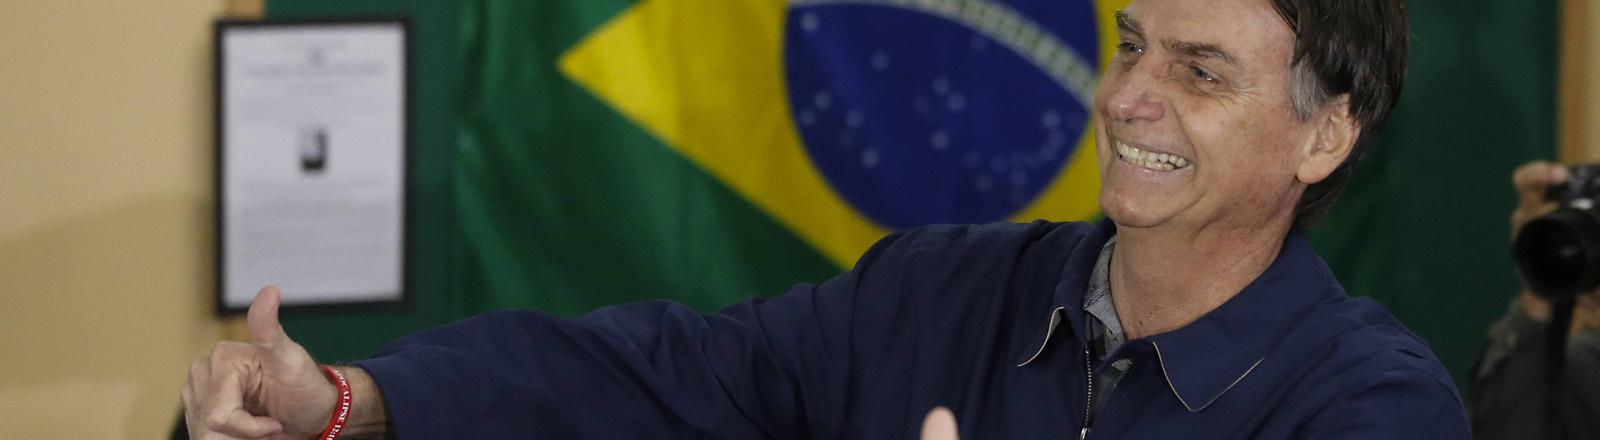 Jair Bolsonaro steht lachend vor einer Brasilienflagge